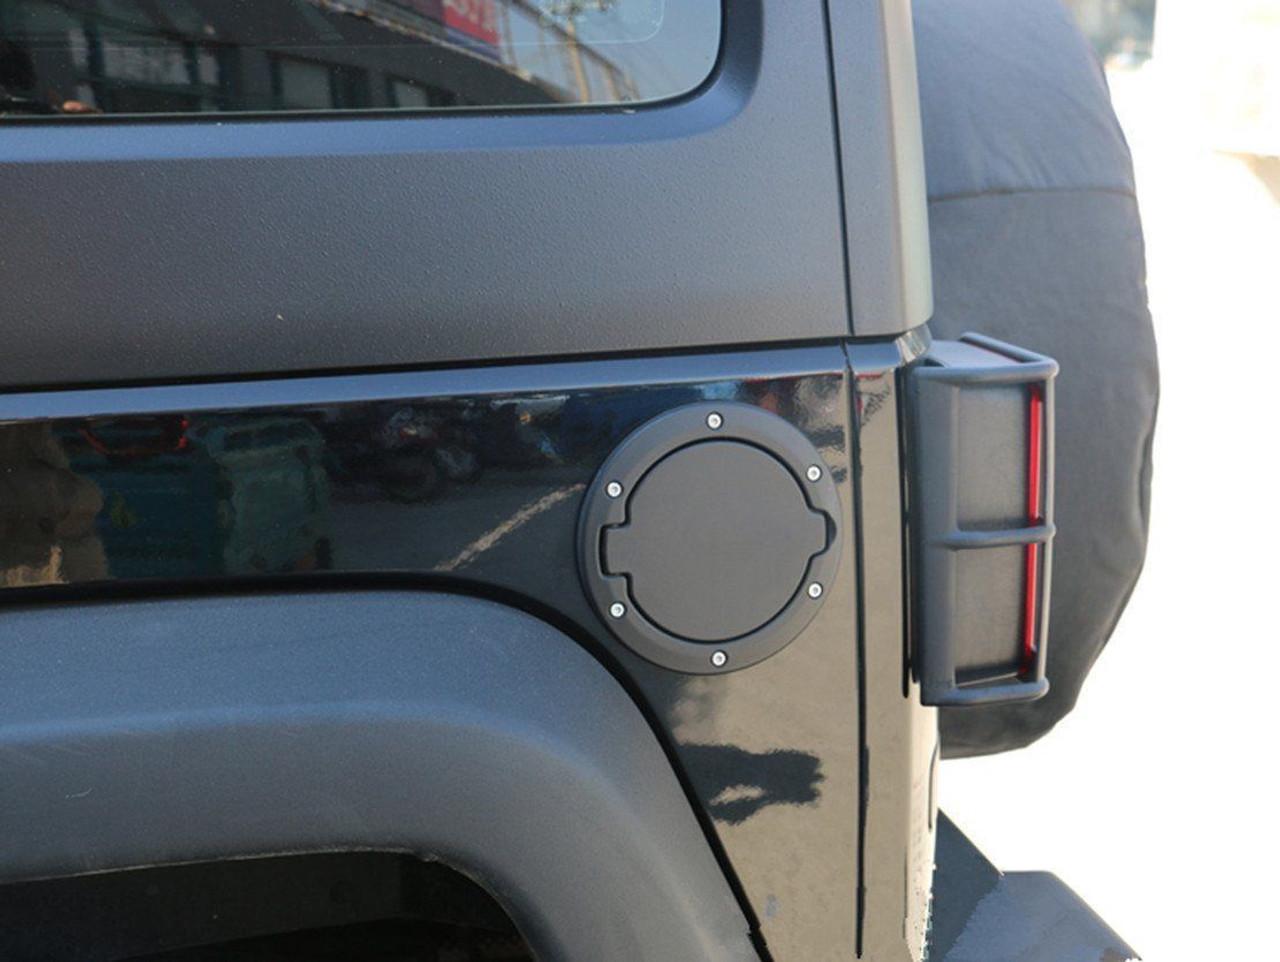 OEM Black Aluminum Fuel Door Cap For Jeep Wrangler 2007 2017